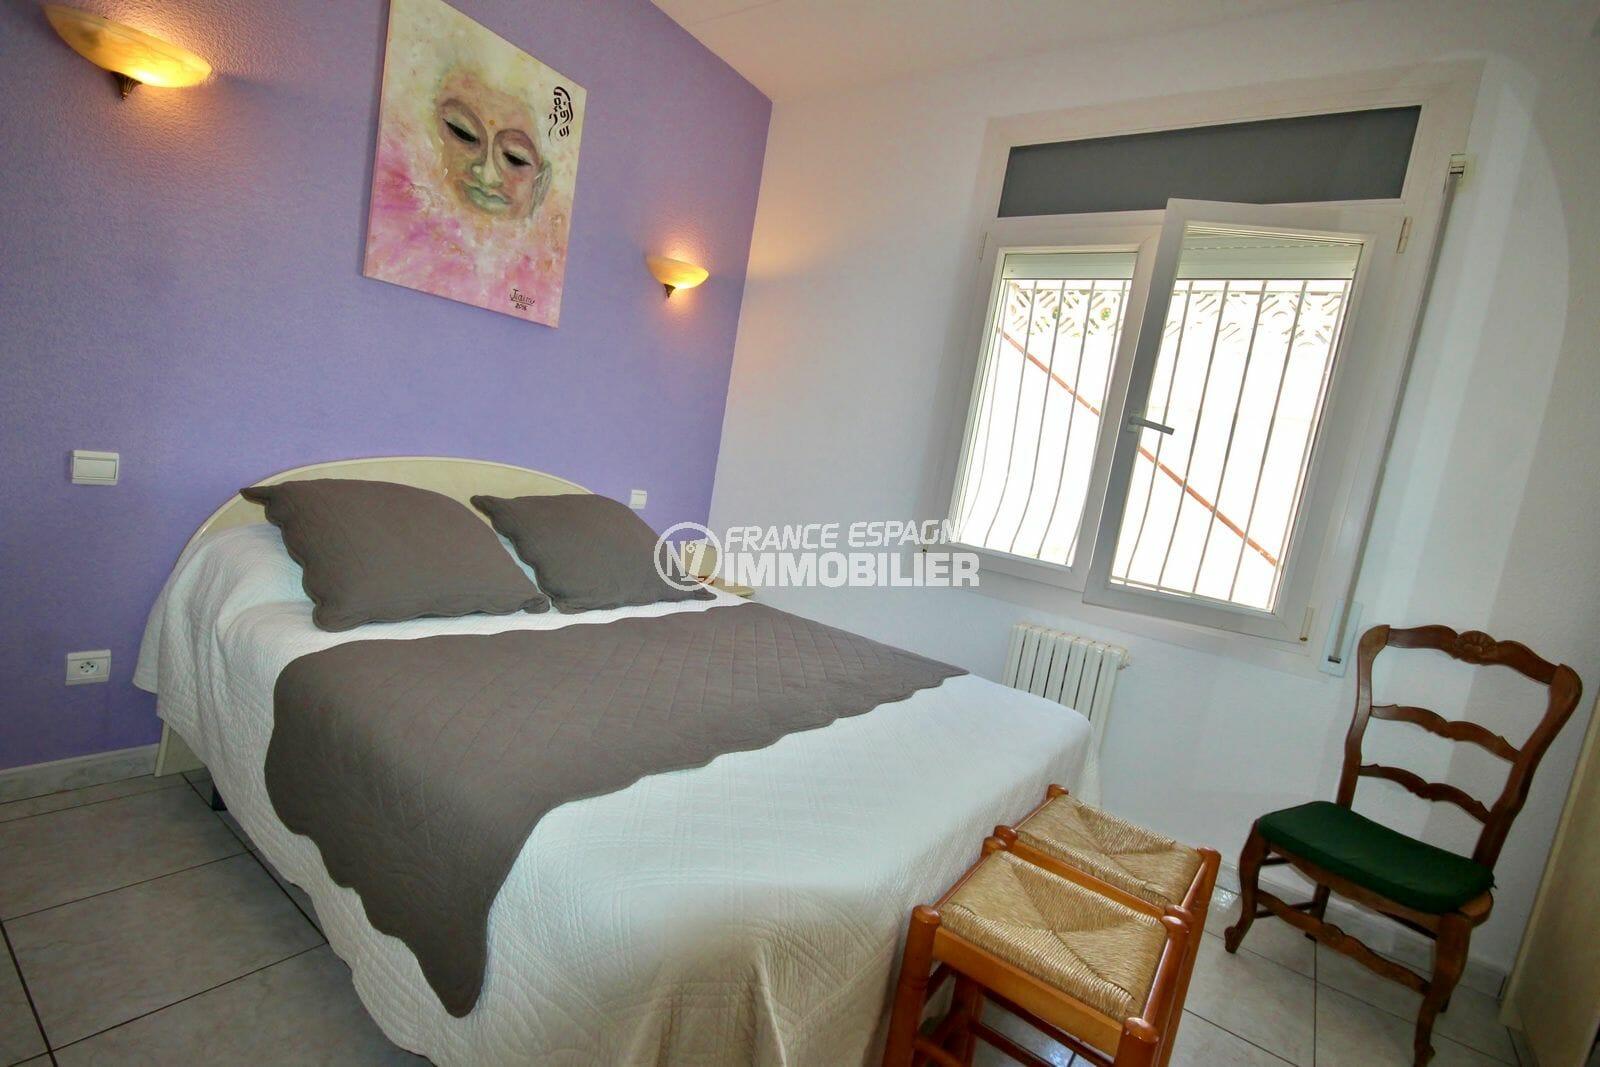 maison a vendre a empuriabrava, garage, troisième chambre avec lit double